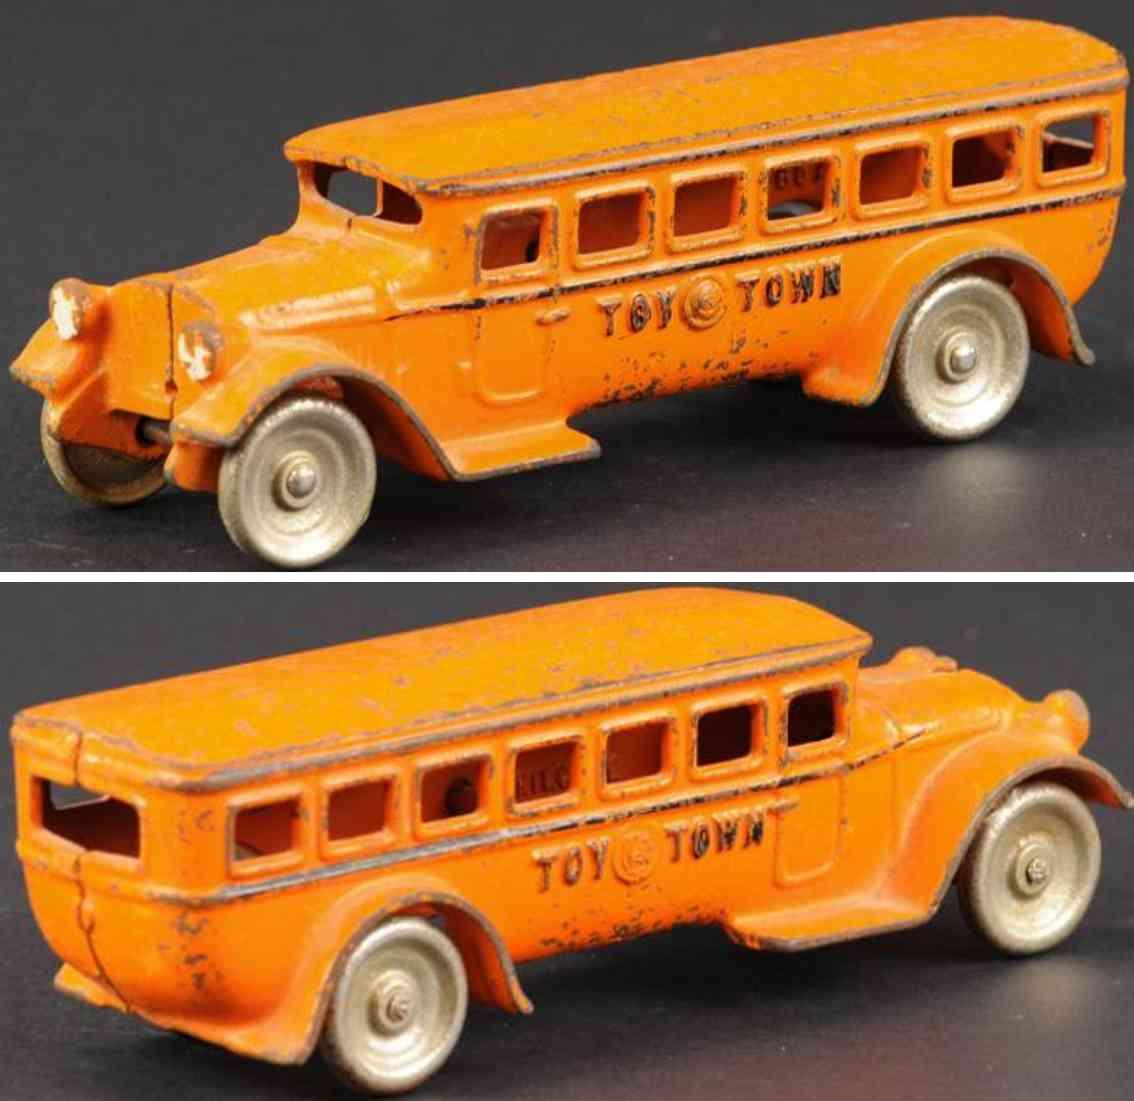 kilgore spielzeug gusseisen bus orange toy town